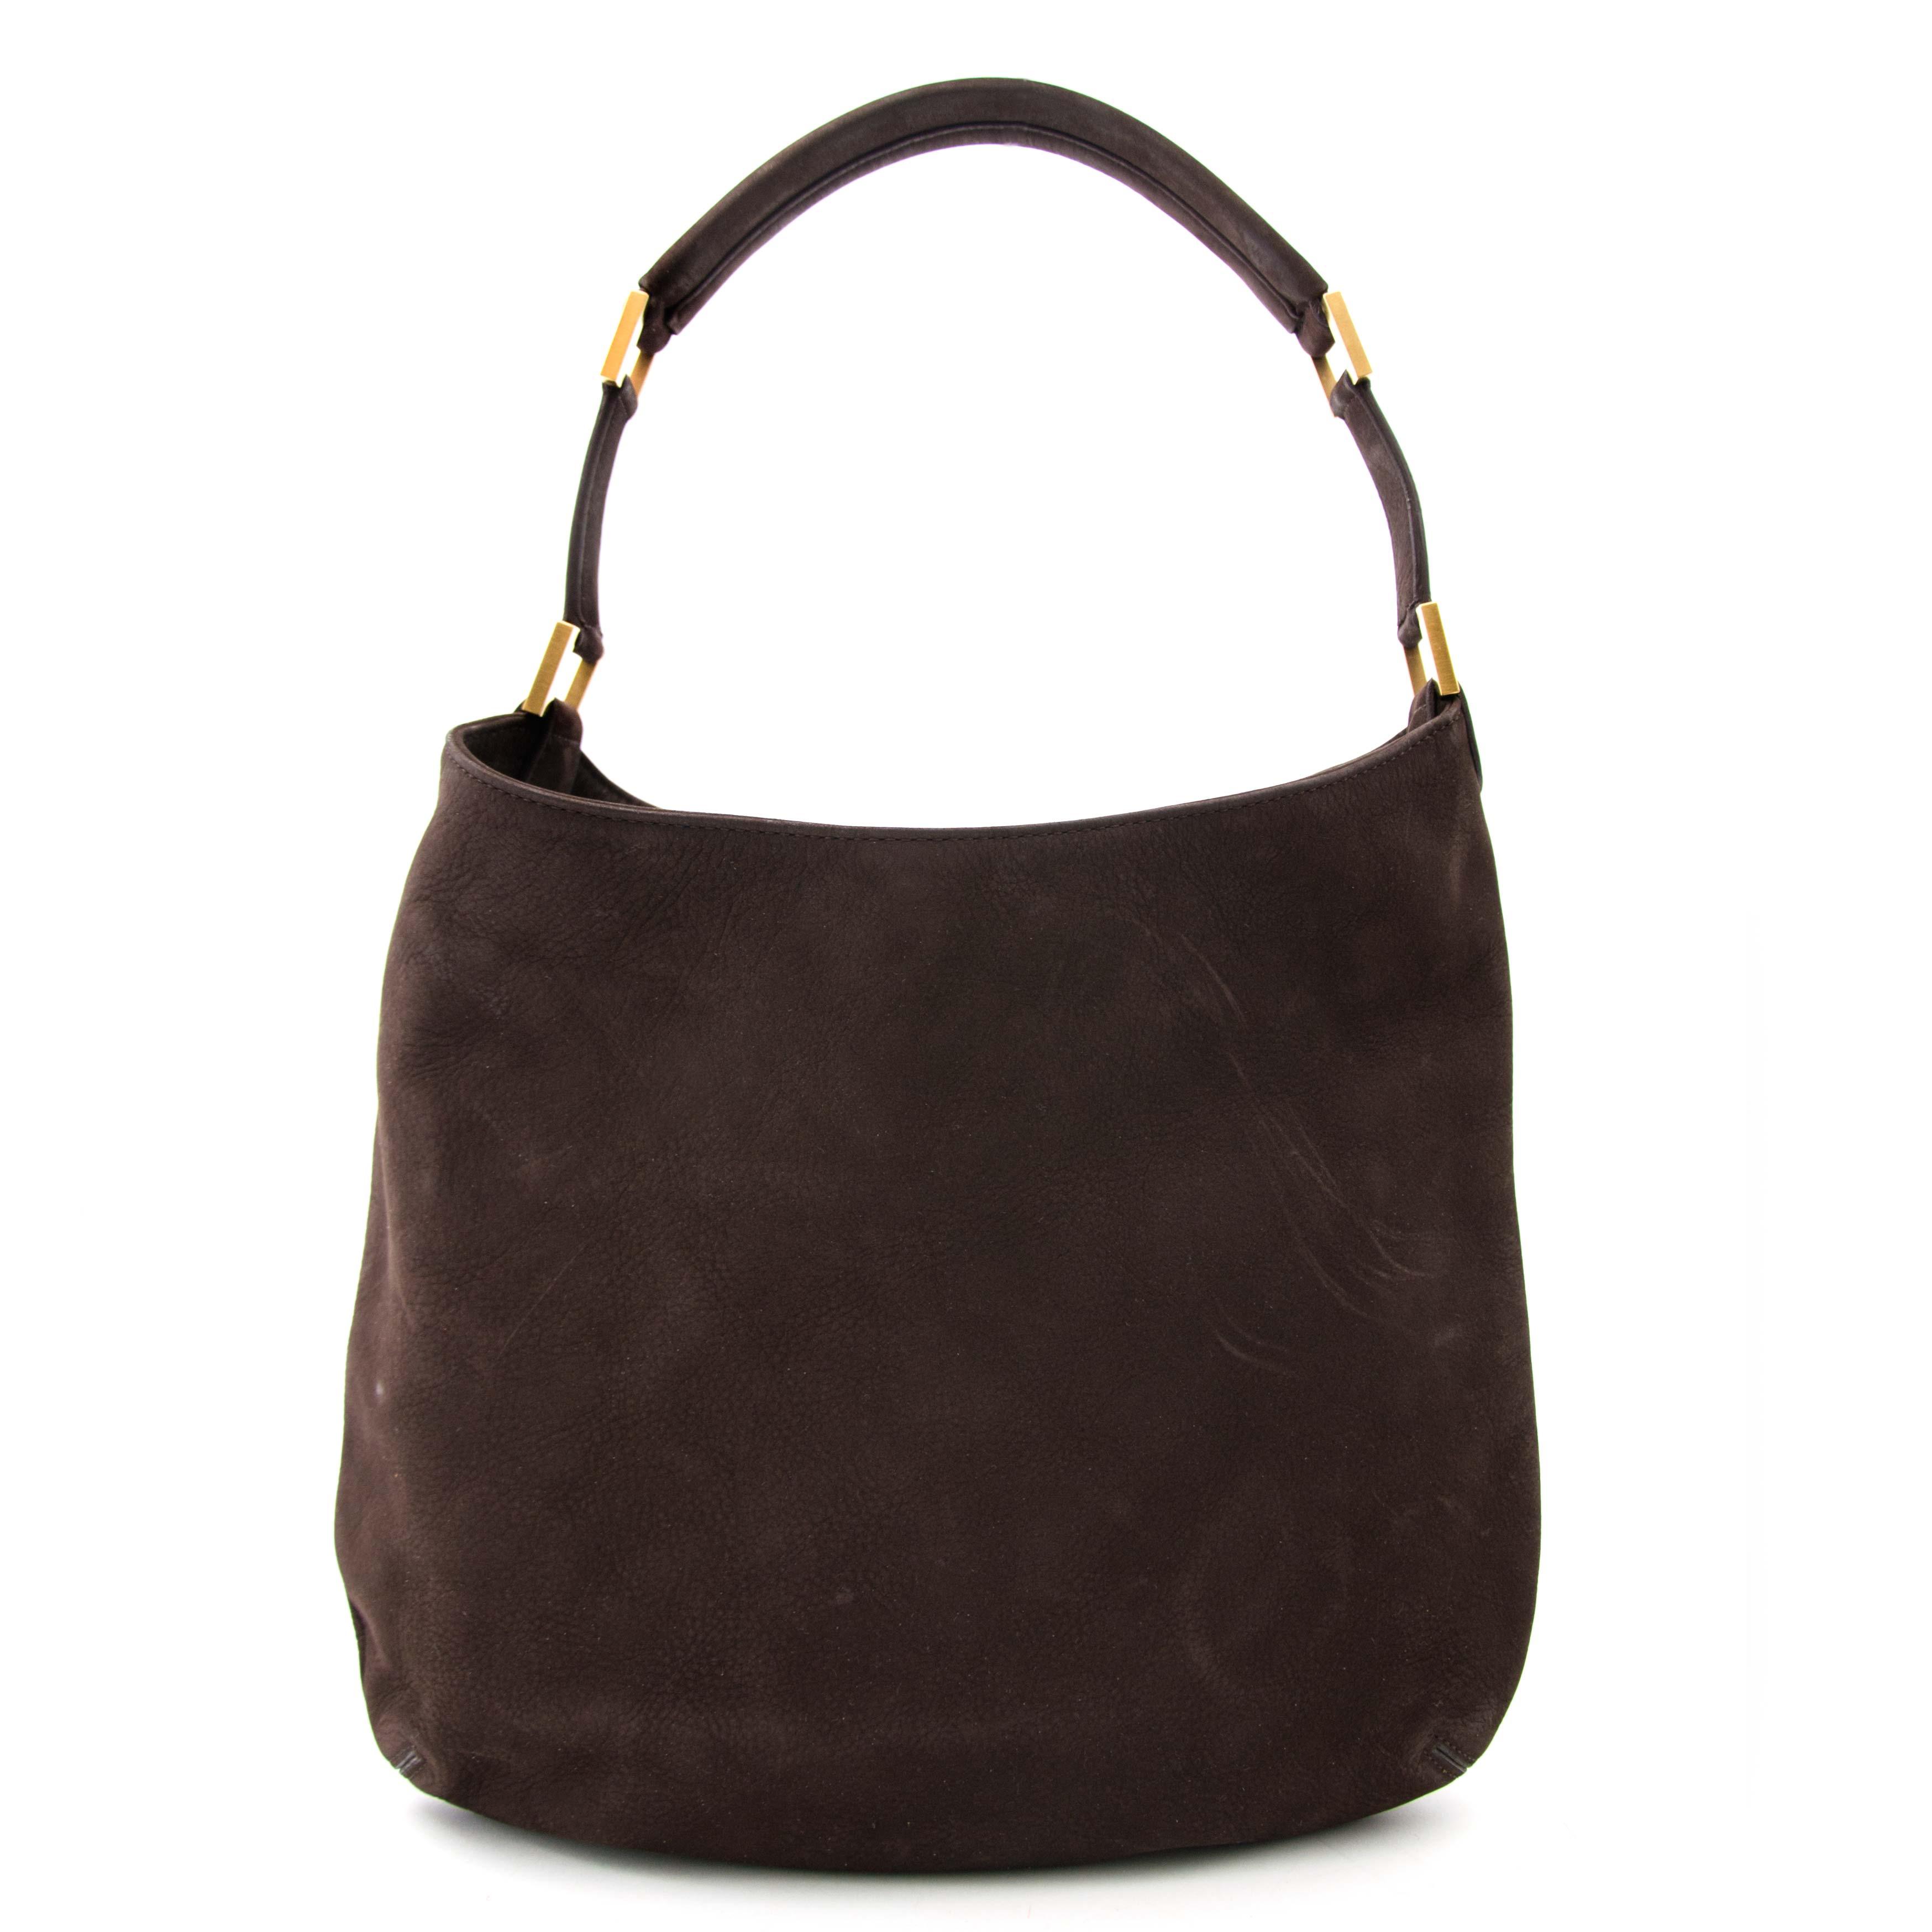 koop online aan de beste prijs jou tweedehands Delvaux Le Louise Café Nubuck Shoulder Bag